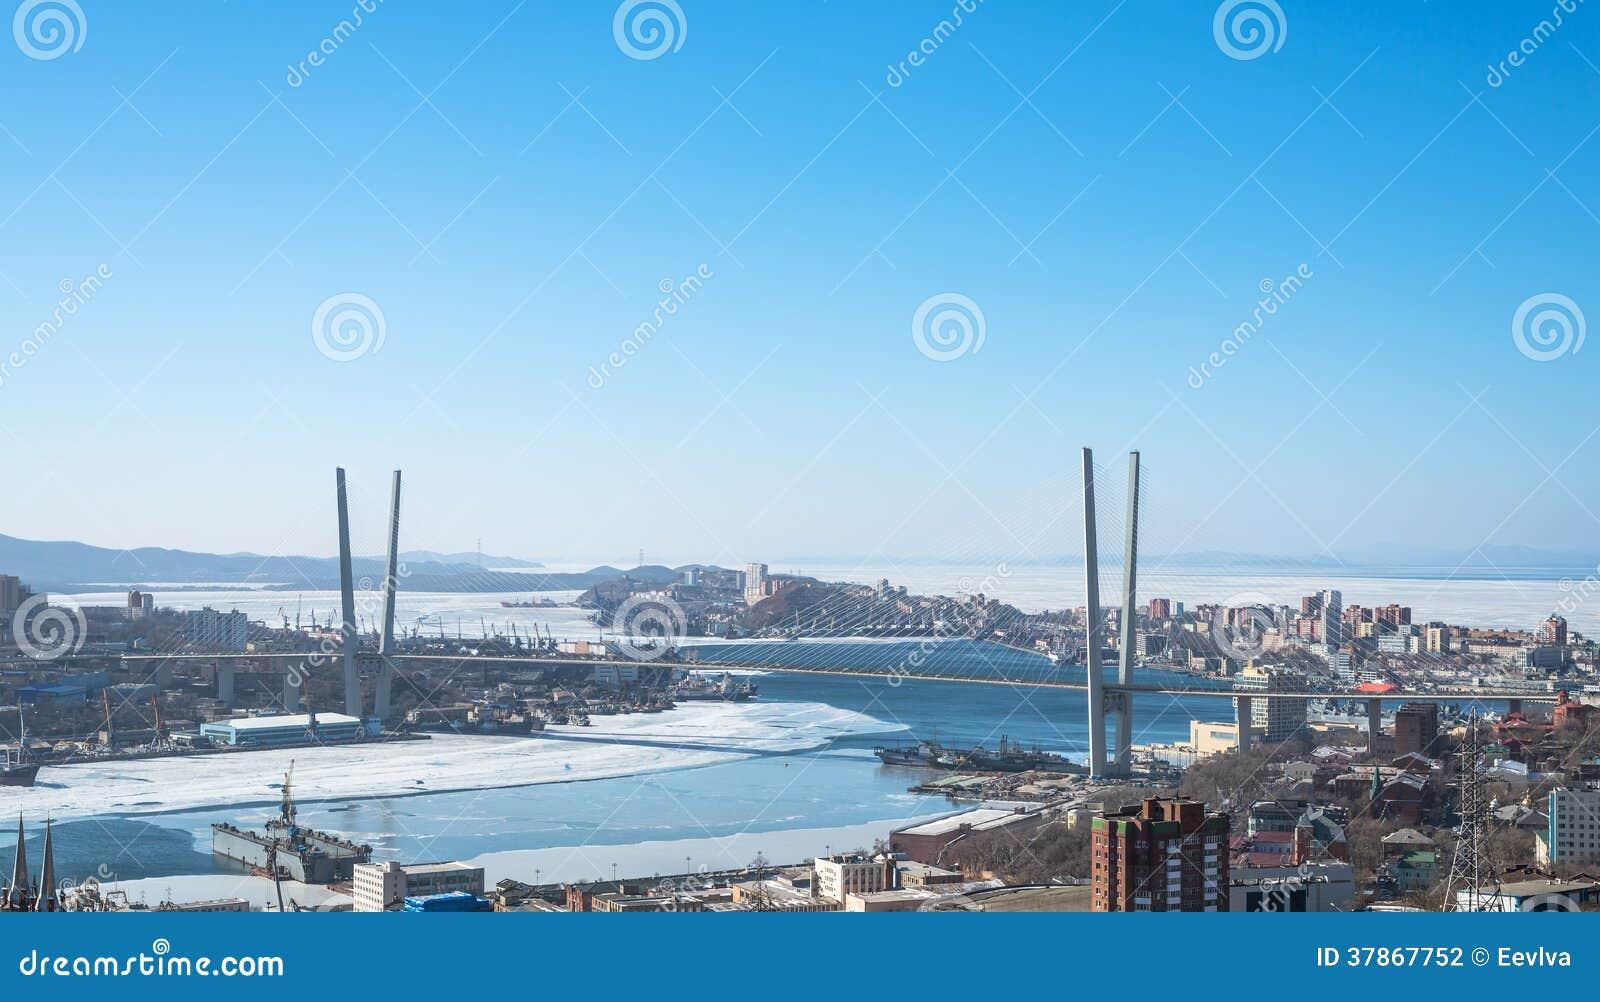 Paesaggio urbano di vladivostok vista di luce del giorno for Piani di luce del giorno